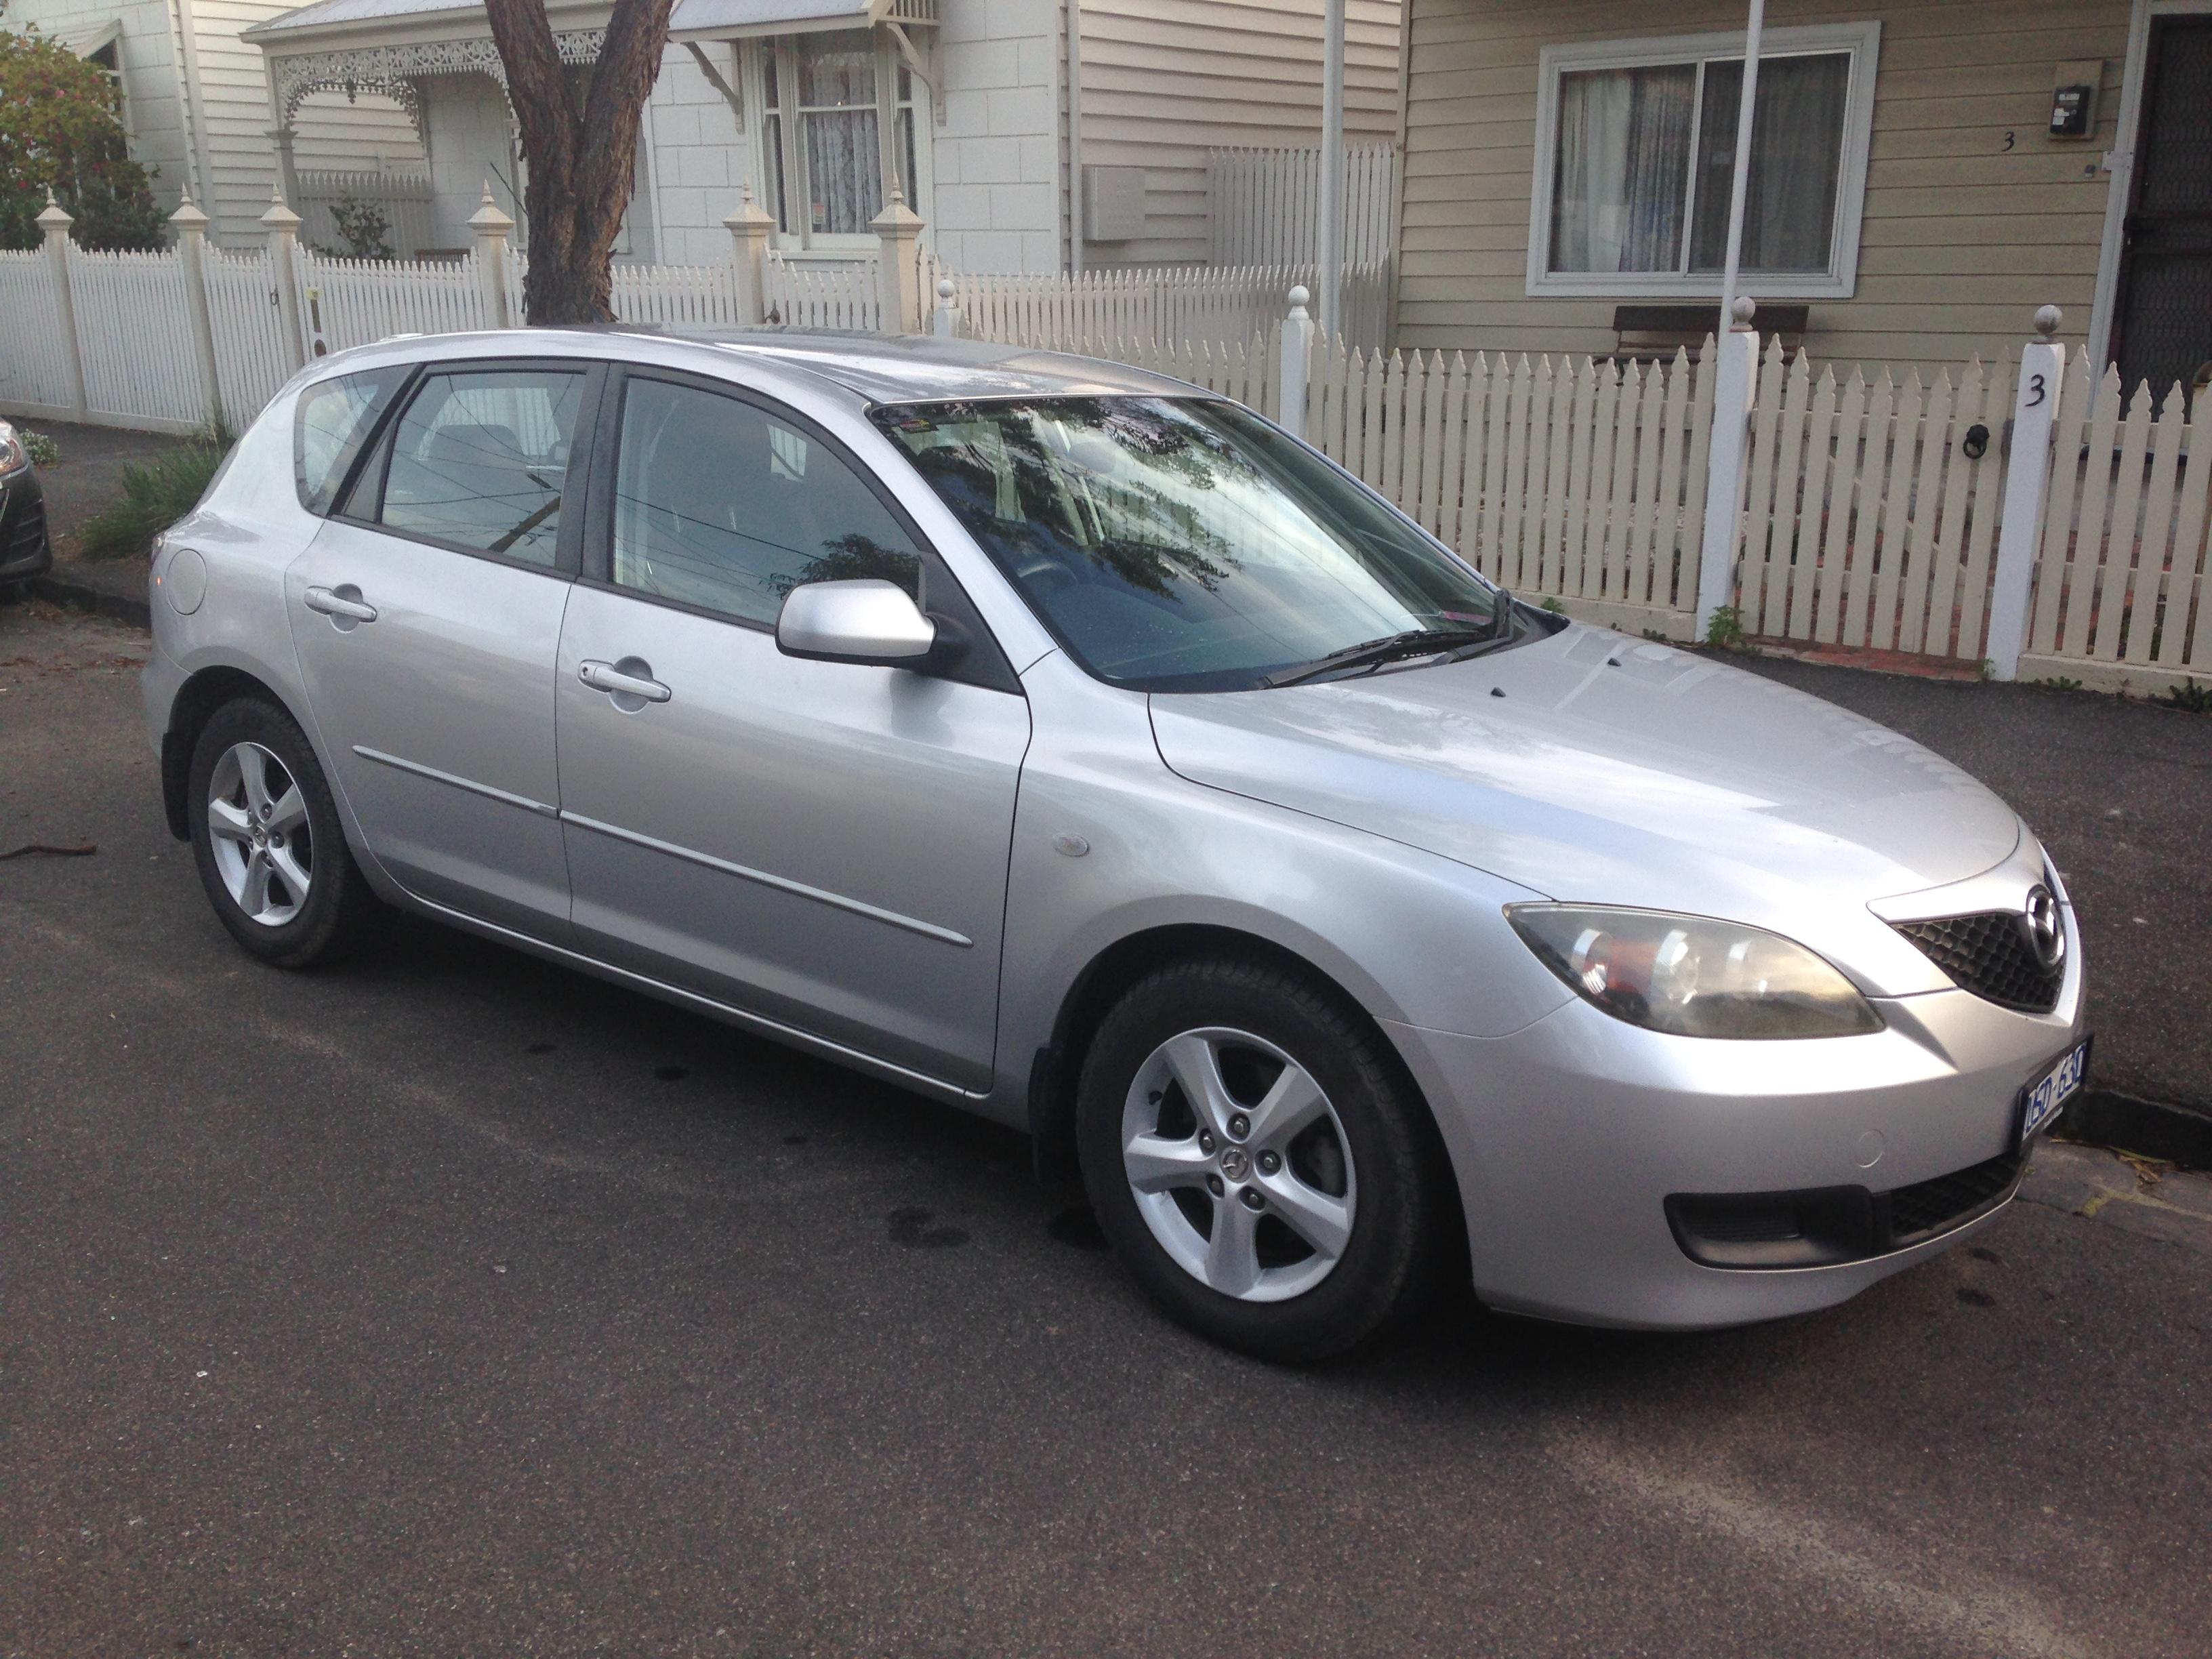 Picture of Georgia's 2007 Mazda 3